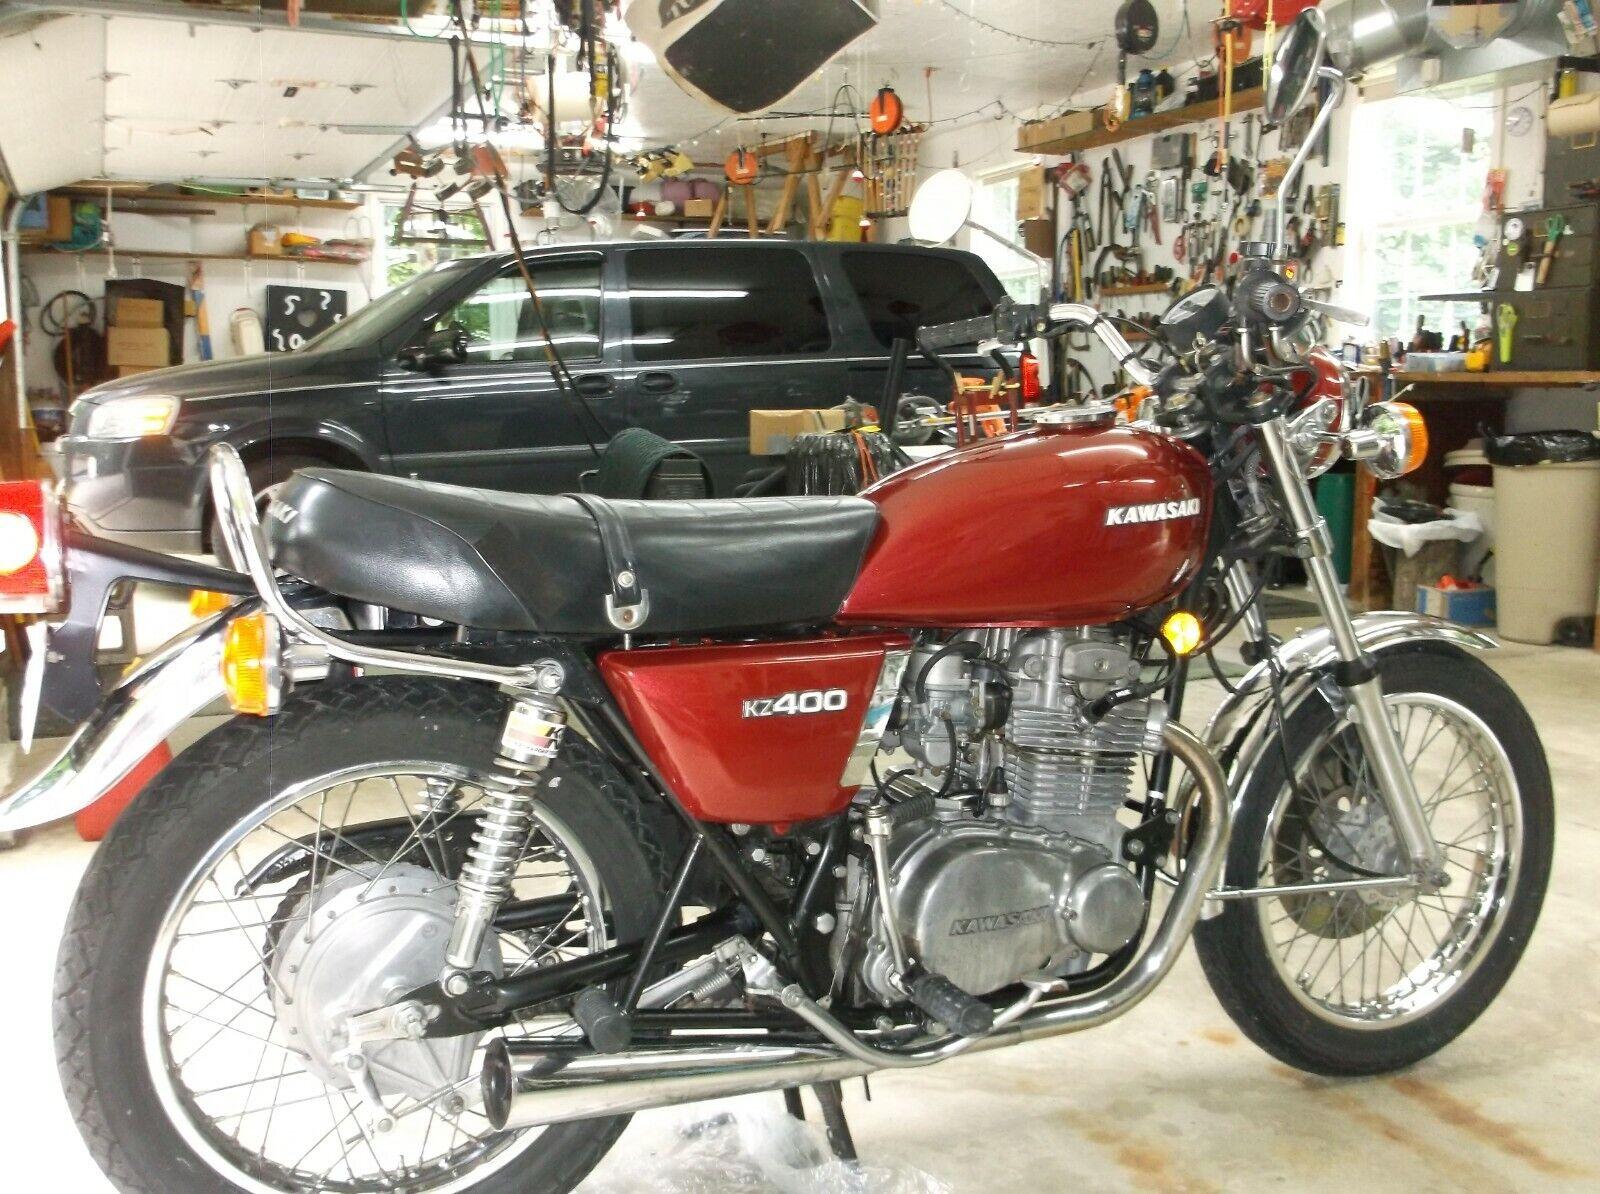 Kawasaki KZ400 1976